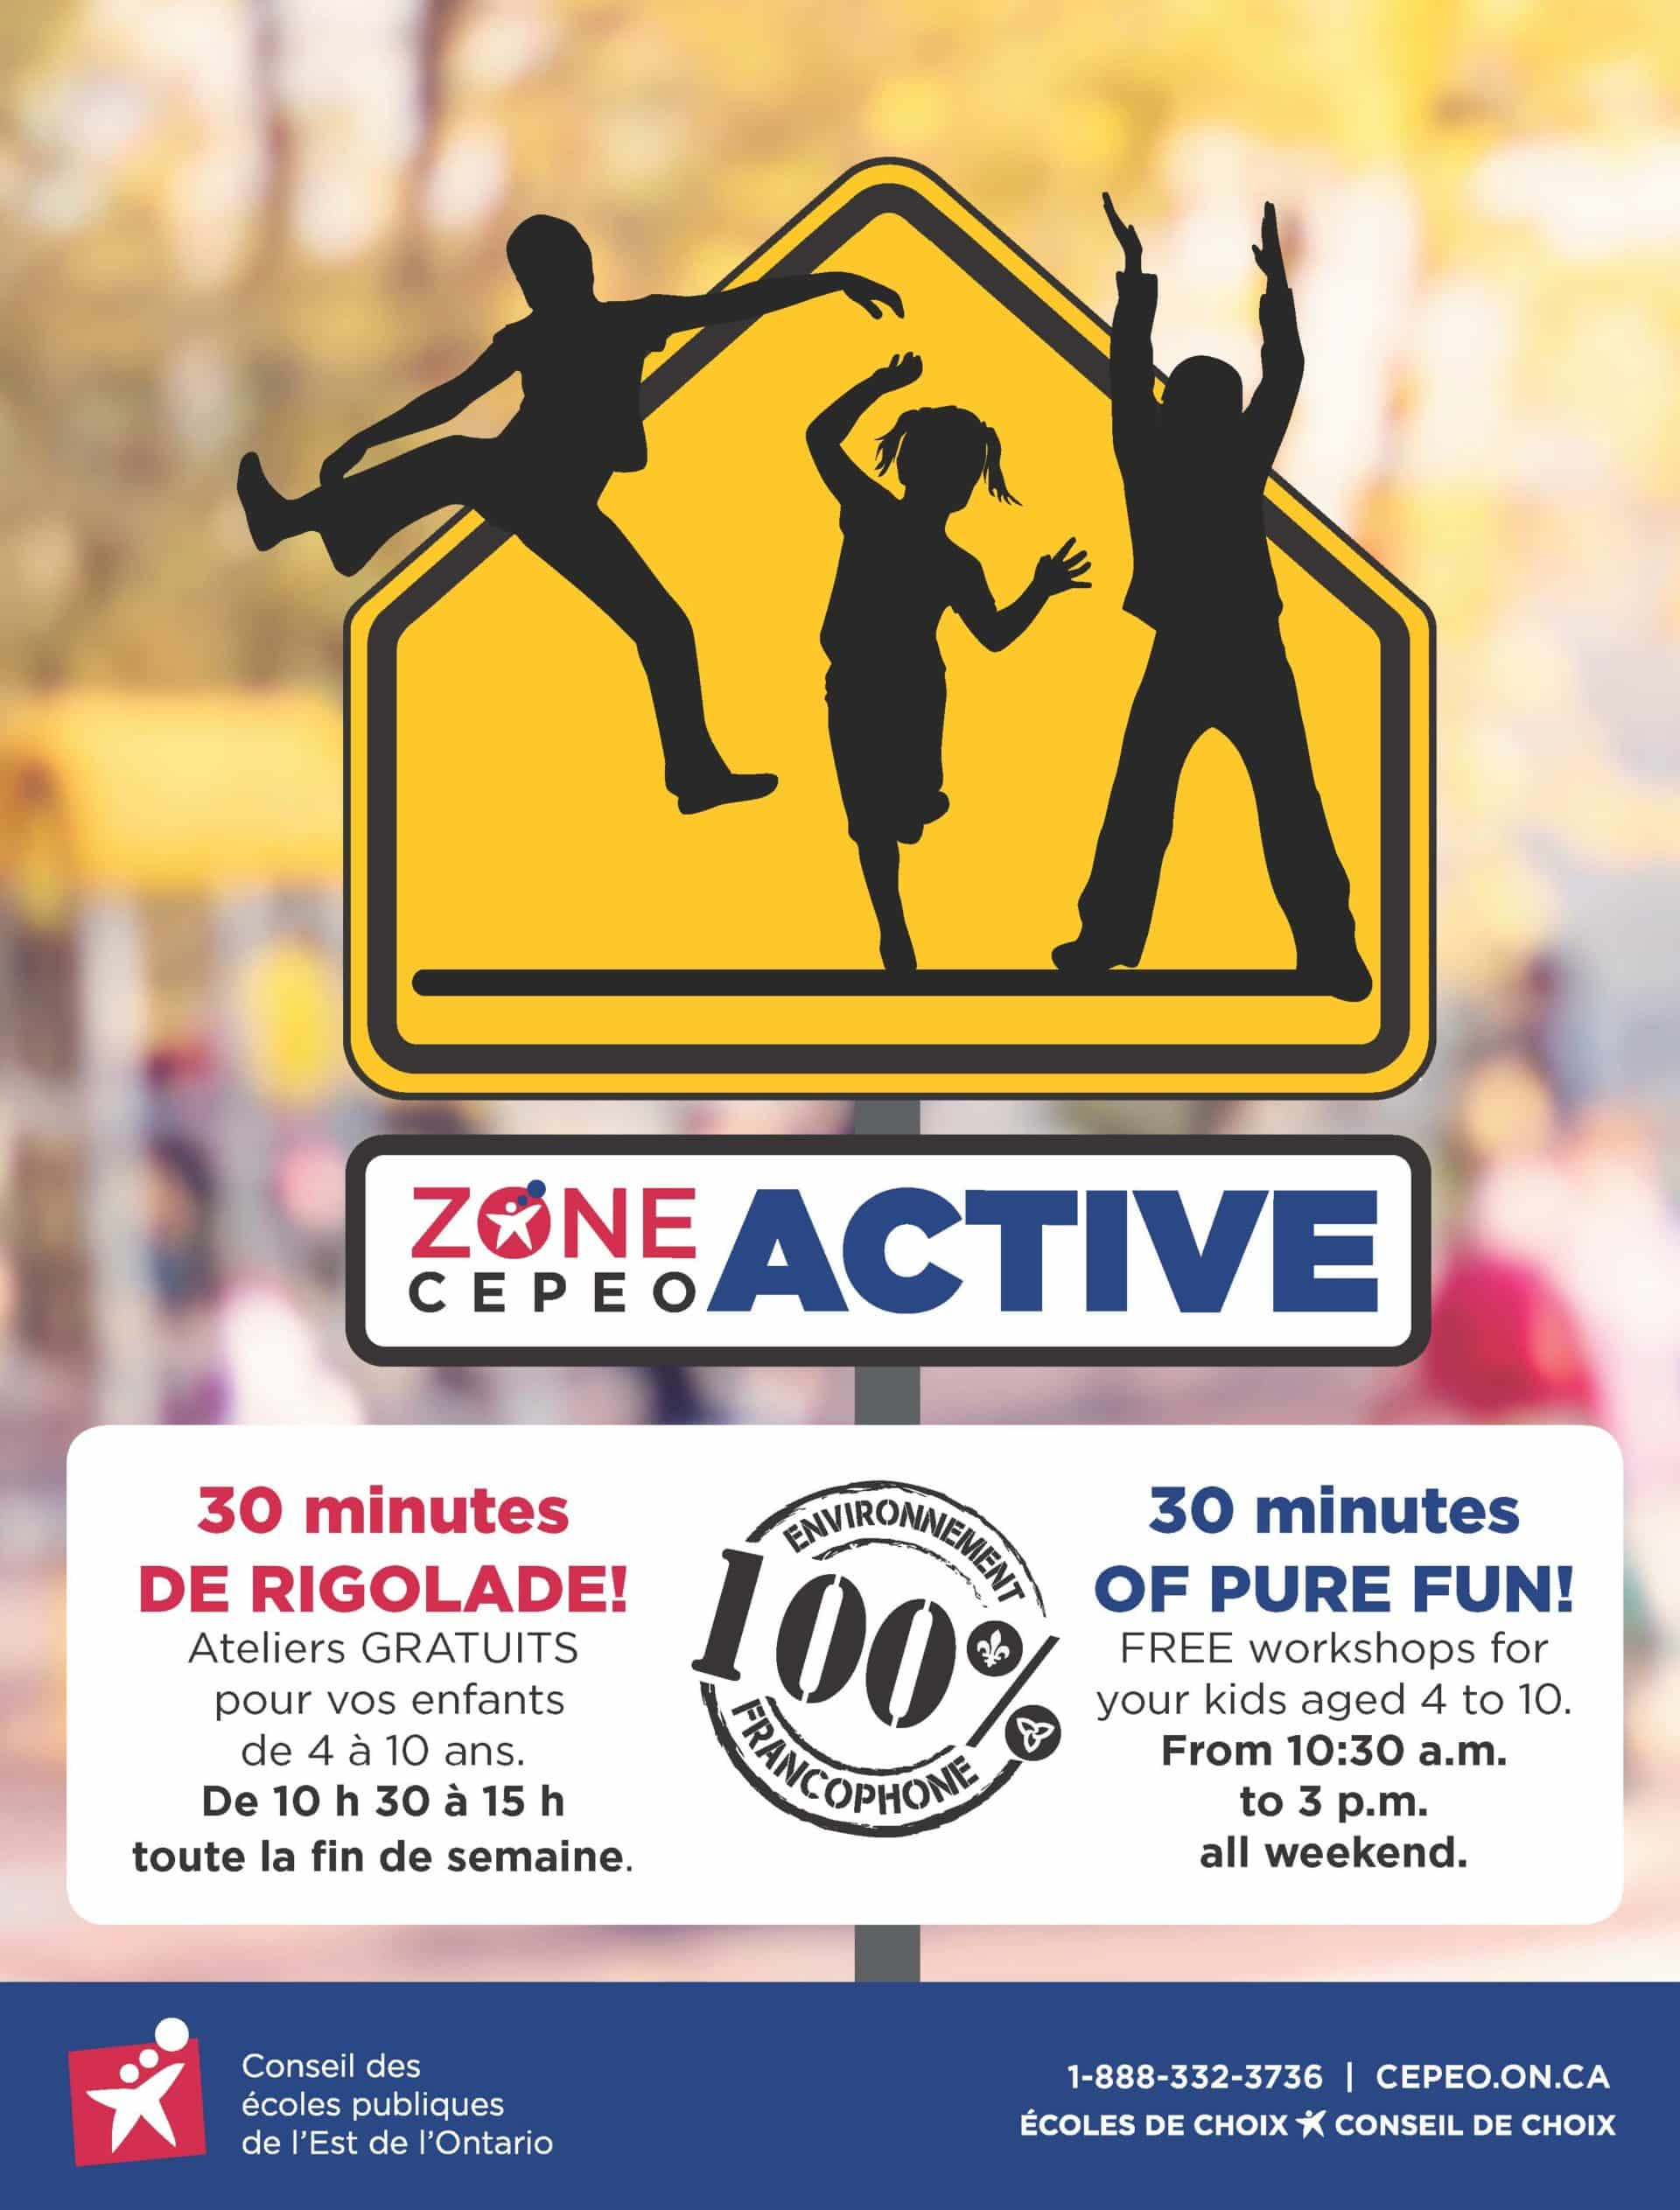 pub_zone_active_cepeo